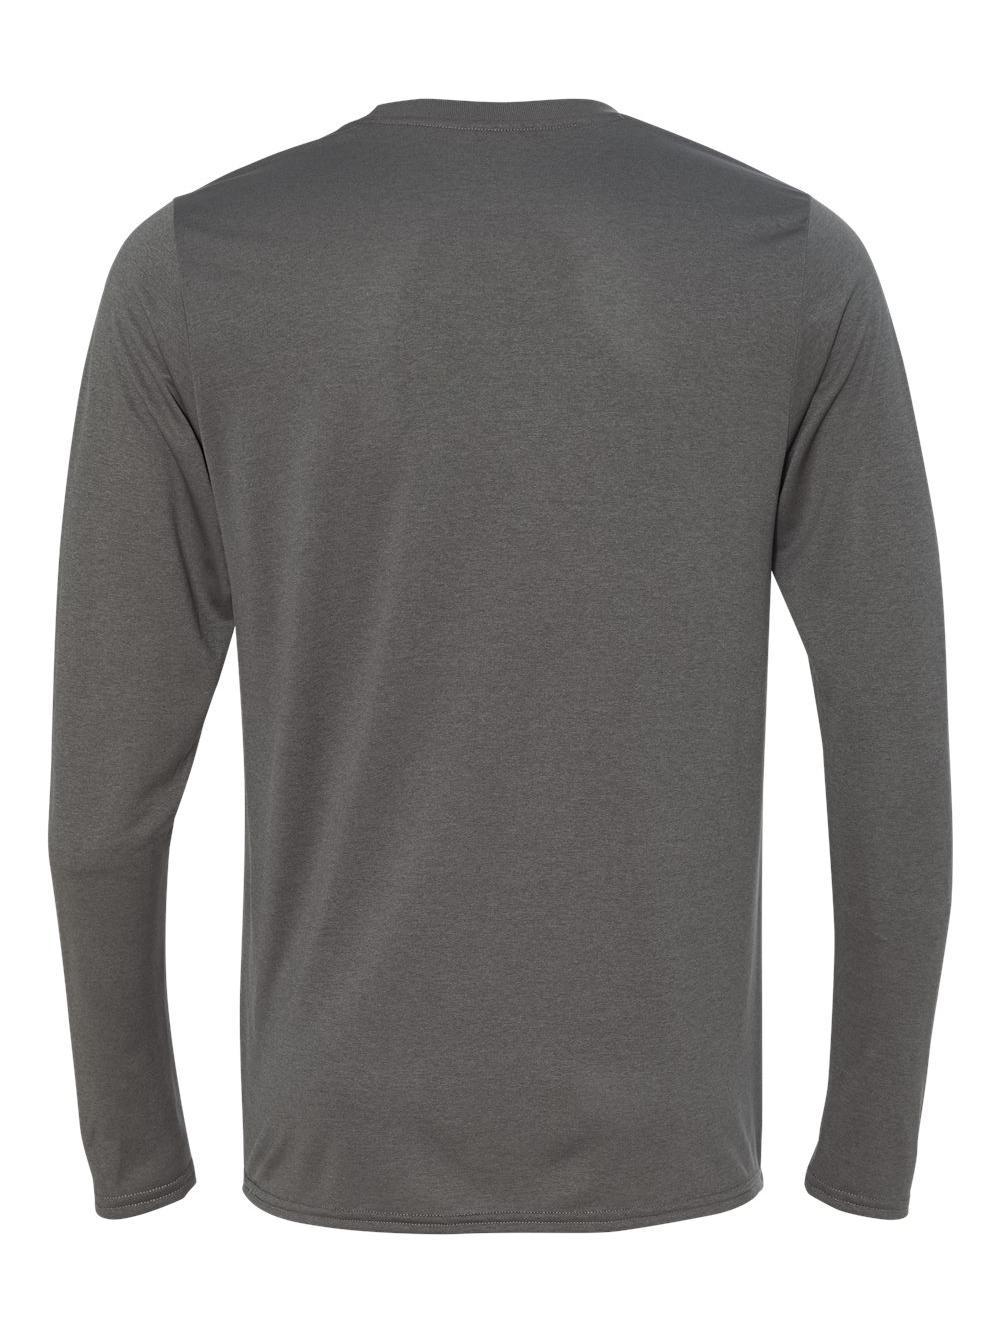 Gildan-Tech-Performance-Long-Sleeve-T-Shirt-47400 miniatura 10